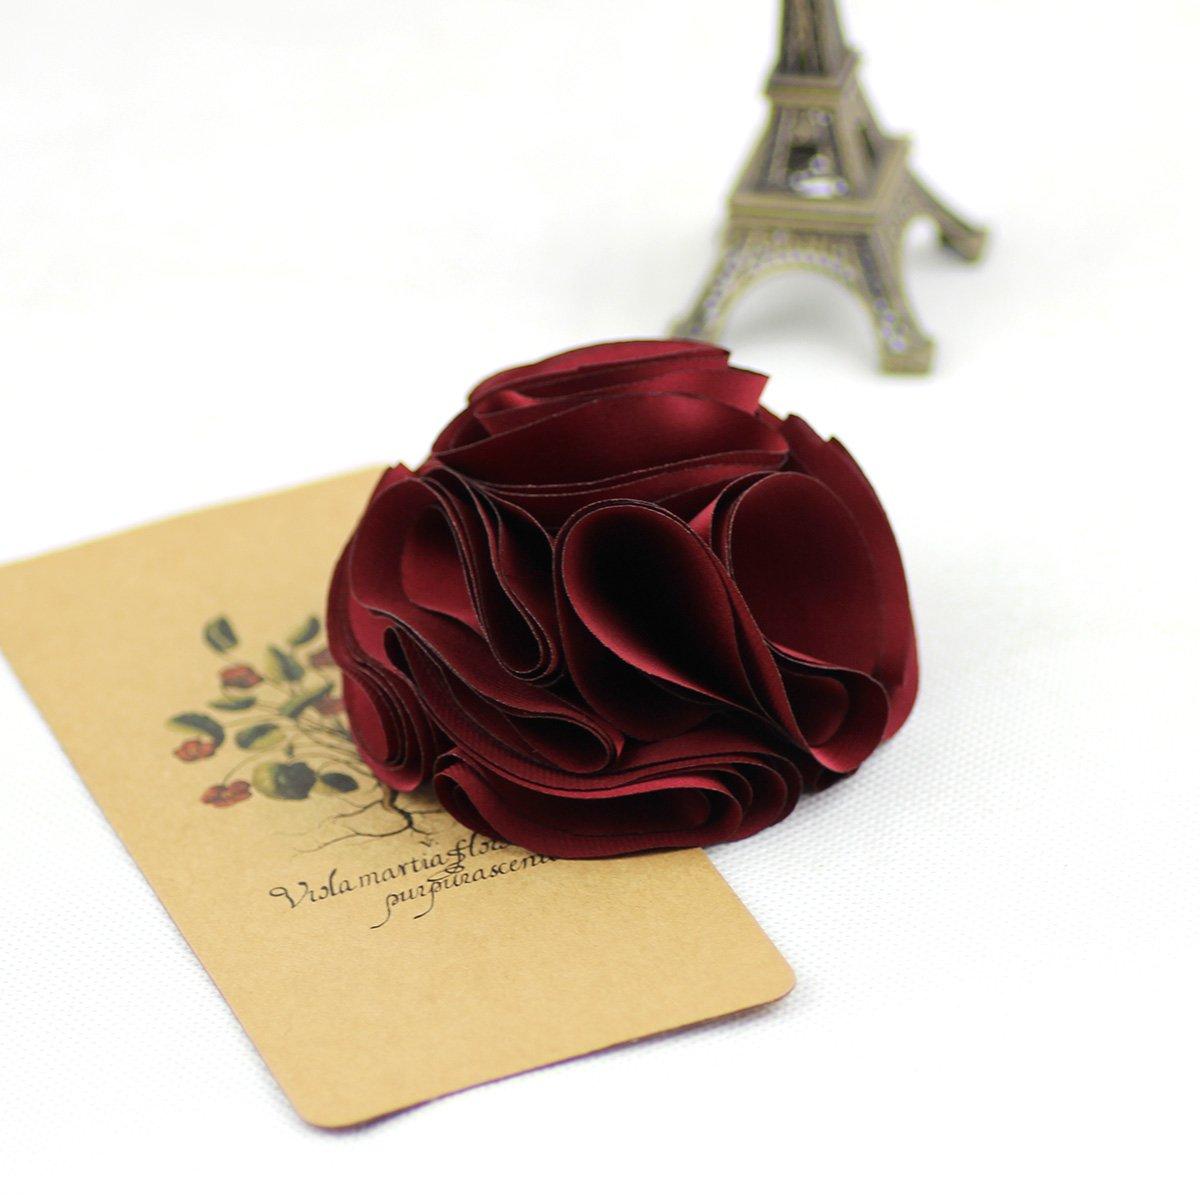 Rojo Merdia Flor De Seda De La Vendimia Pelo Cilp y Broches Boton